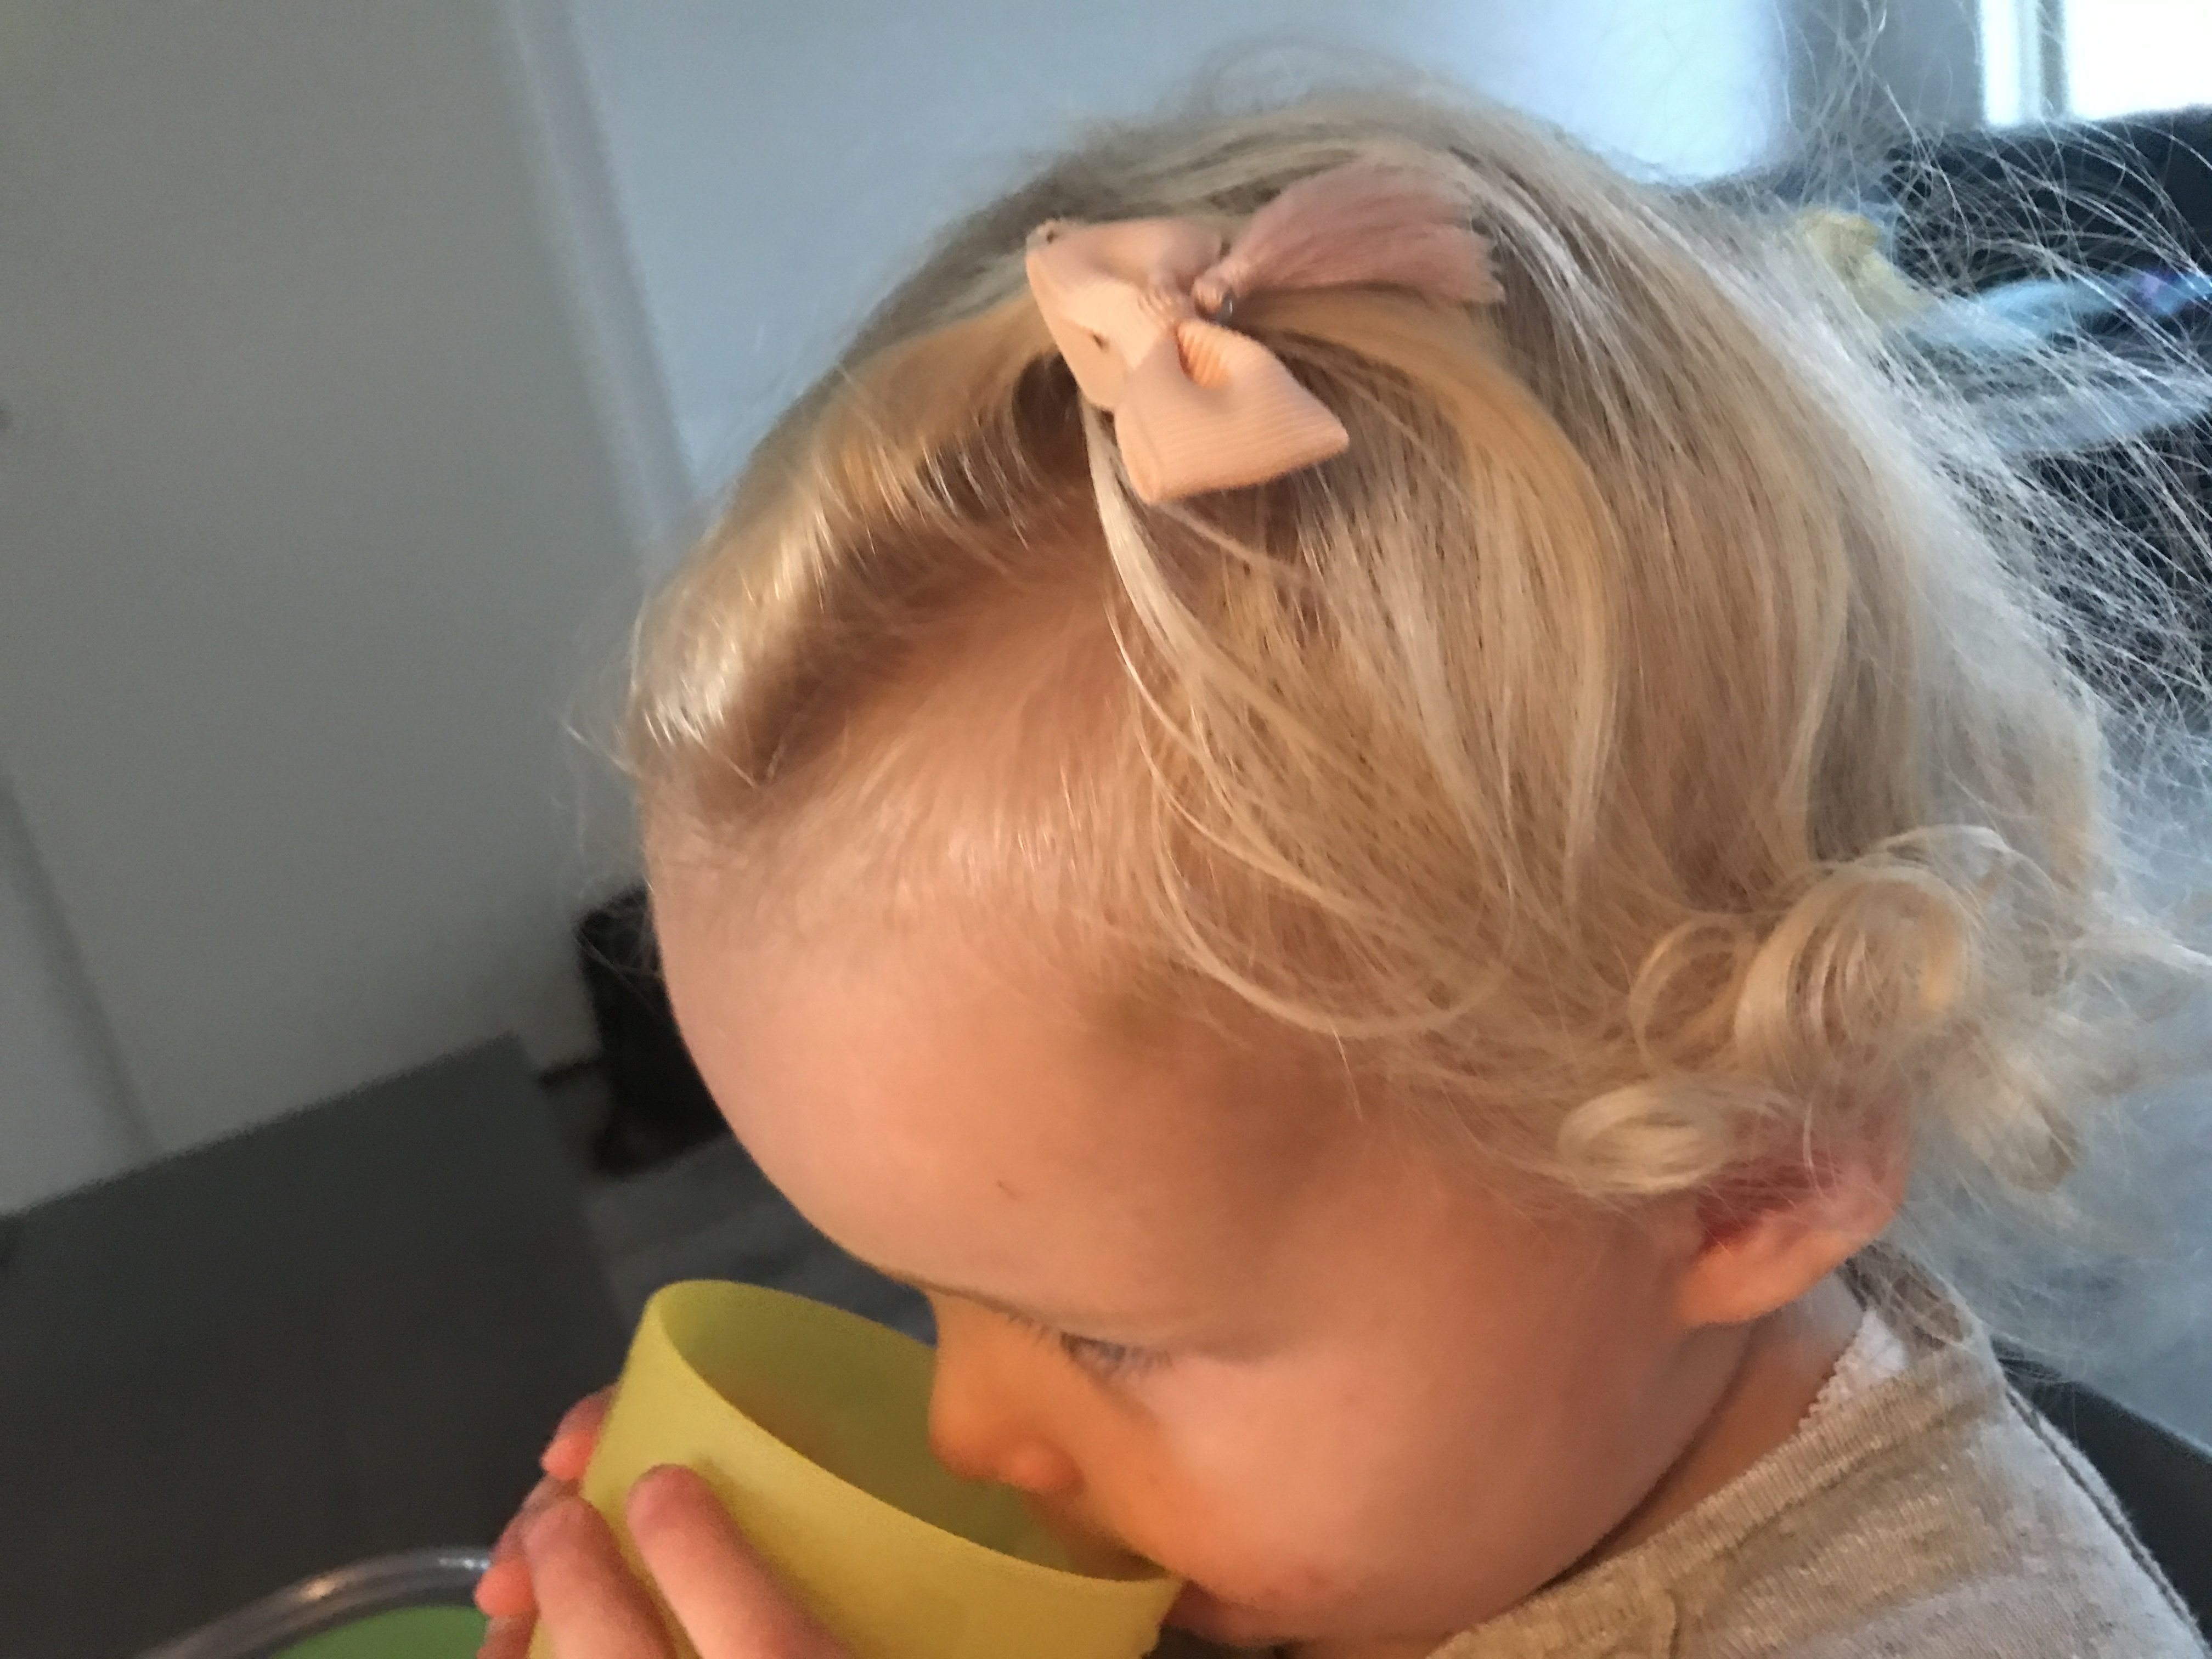 10-16-zenner-haar-accessoires-klipjes-haarspeldjes-speldjes-roze-sweet-native-meisjes-vlinder-strik-kinderen-baby-haren-nanny-moeder-amsterdam-diemen-blog-mama